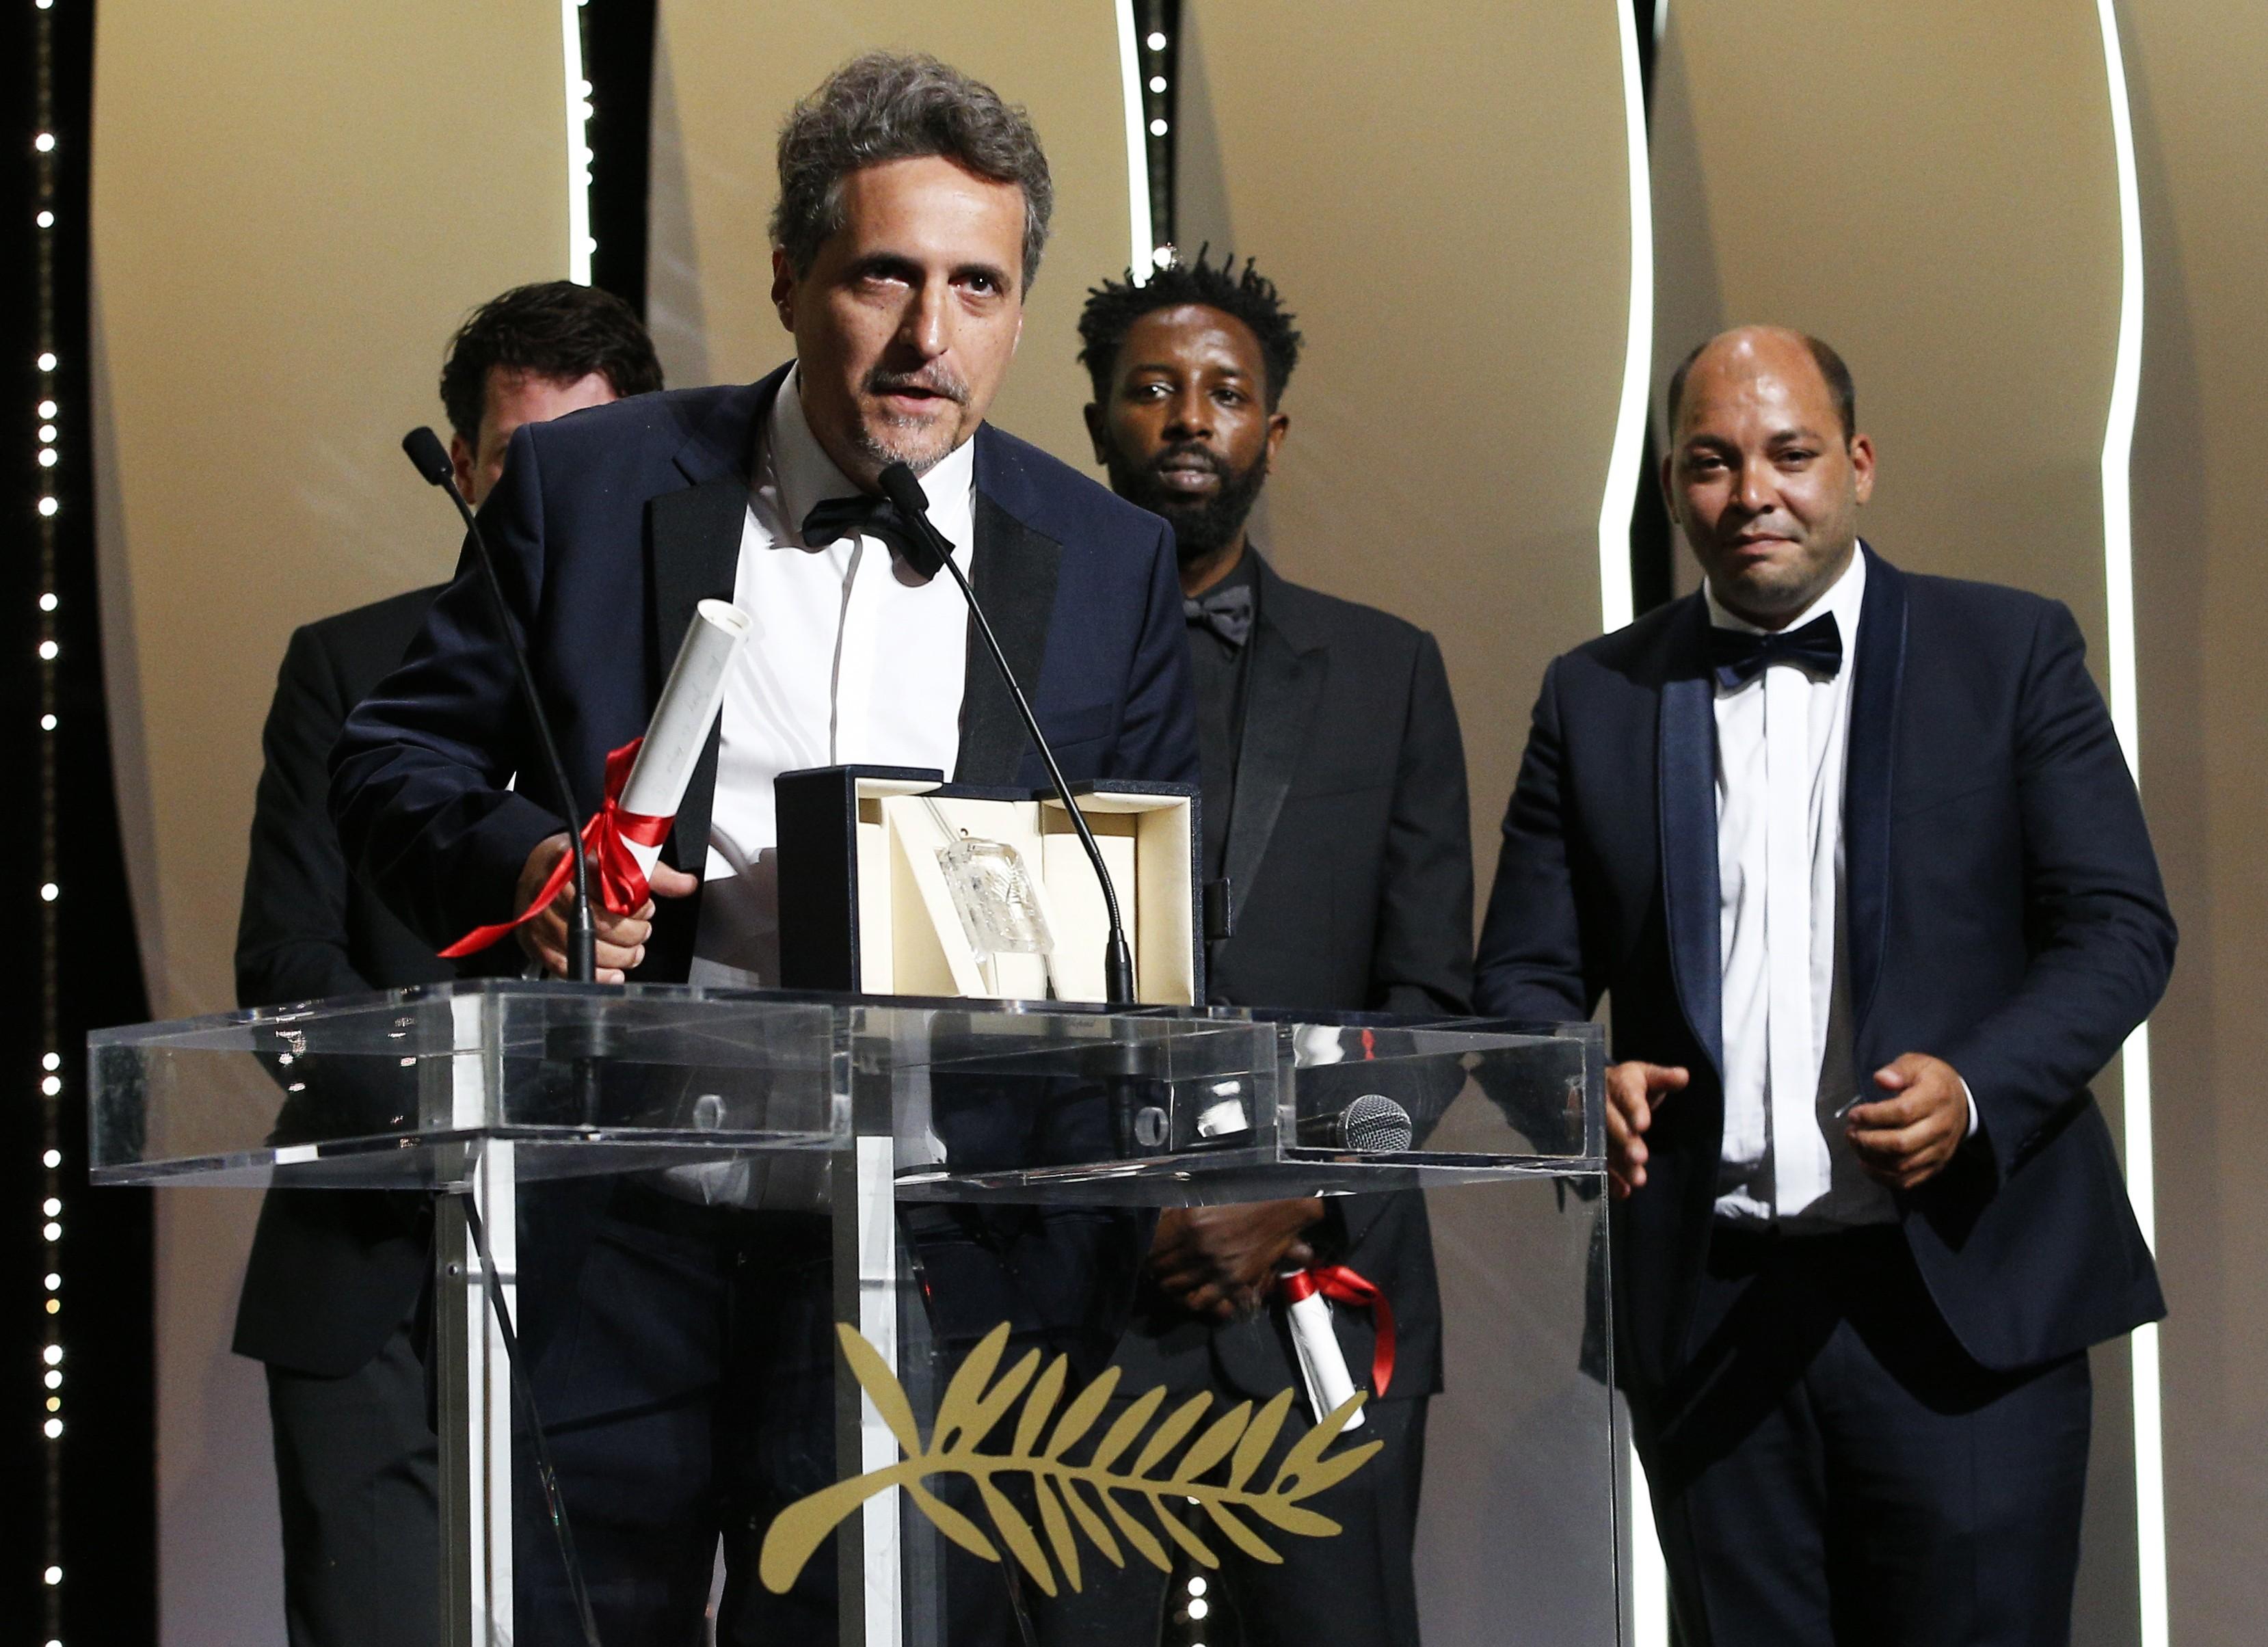 Kleber Mendonça Filho é anunciado como integrante do júri do Festival de Cannes